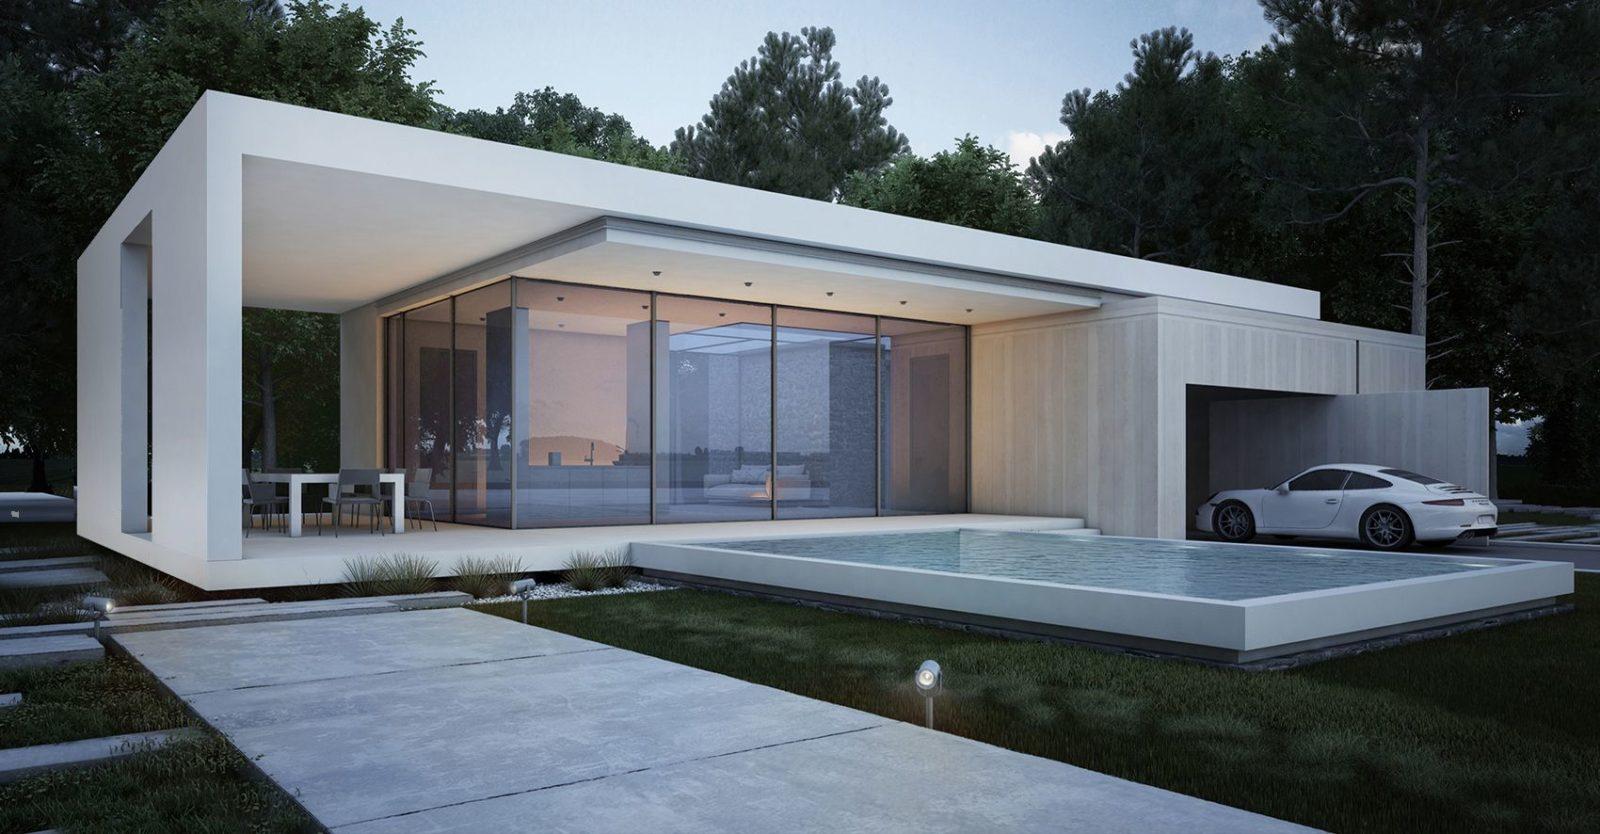 Проектирование домов. Типовые и индивидуальные проекты домов